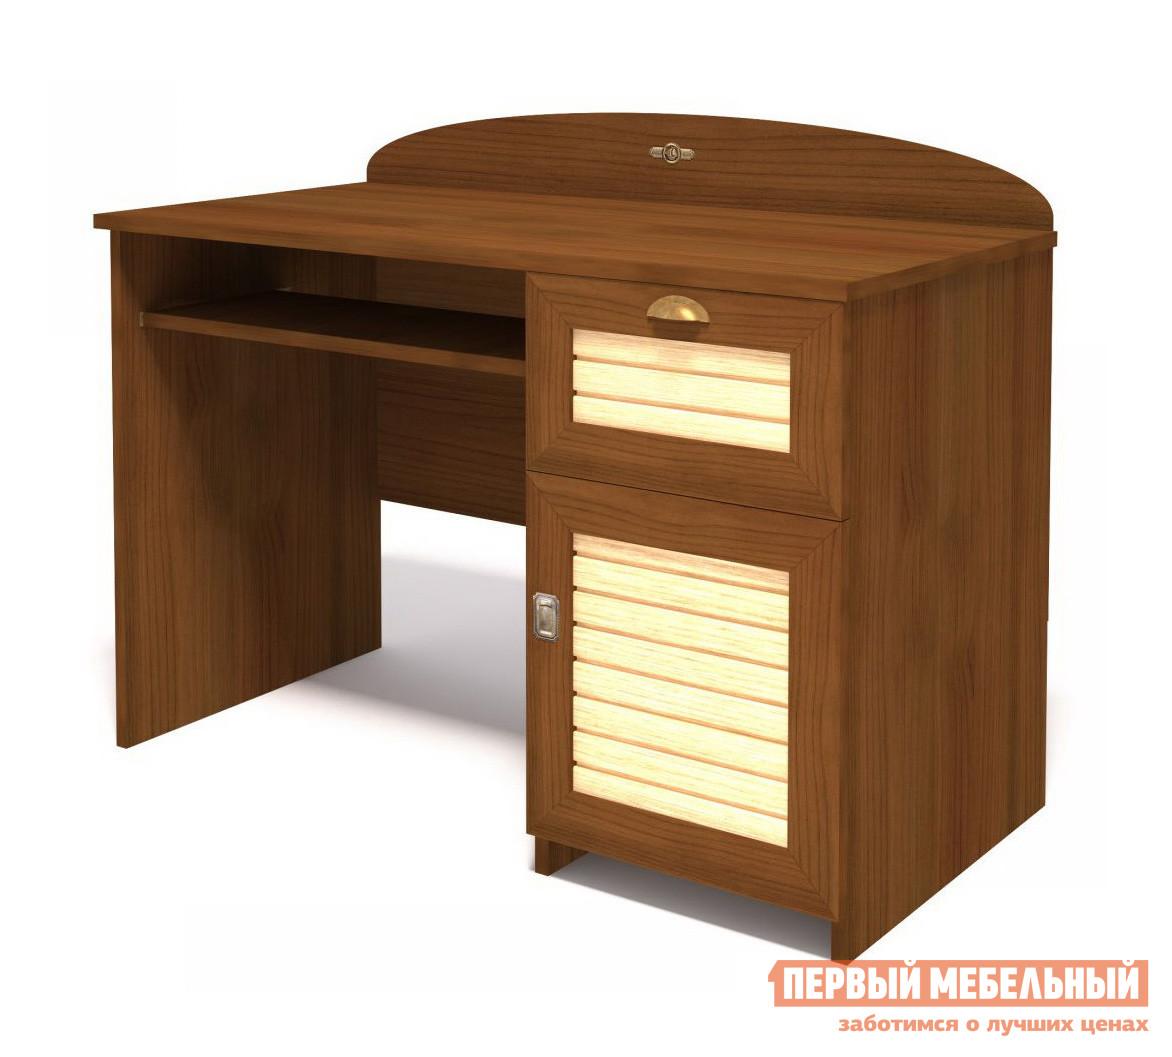 Письменный стол детский ТД Арника ИД 01.23